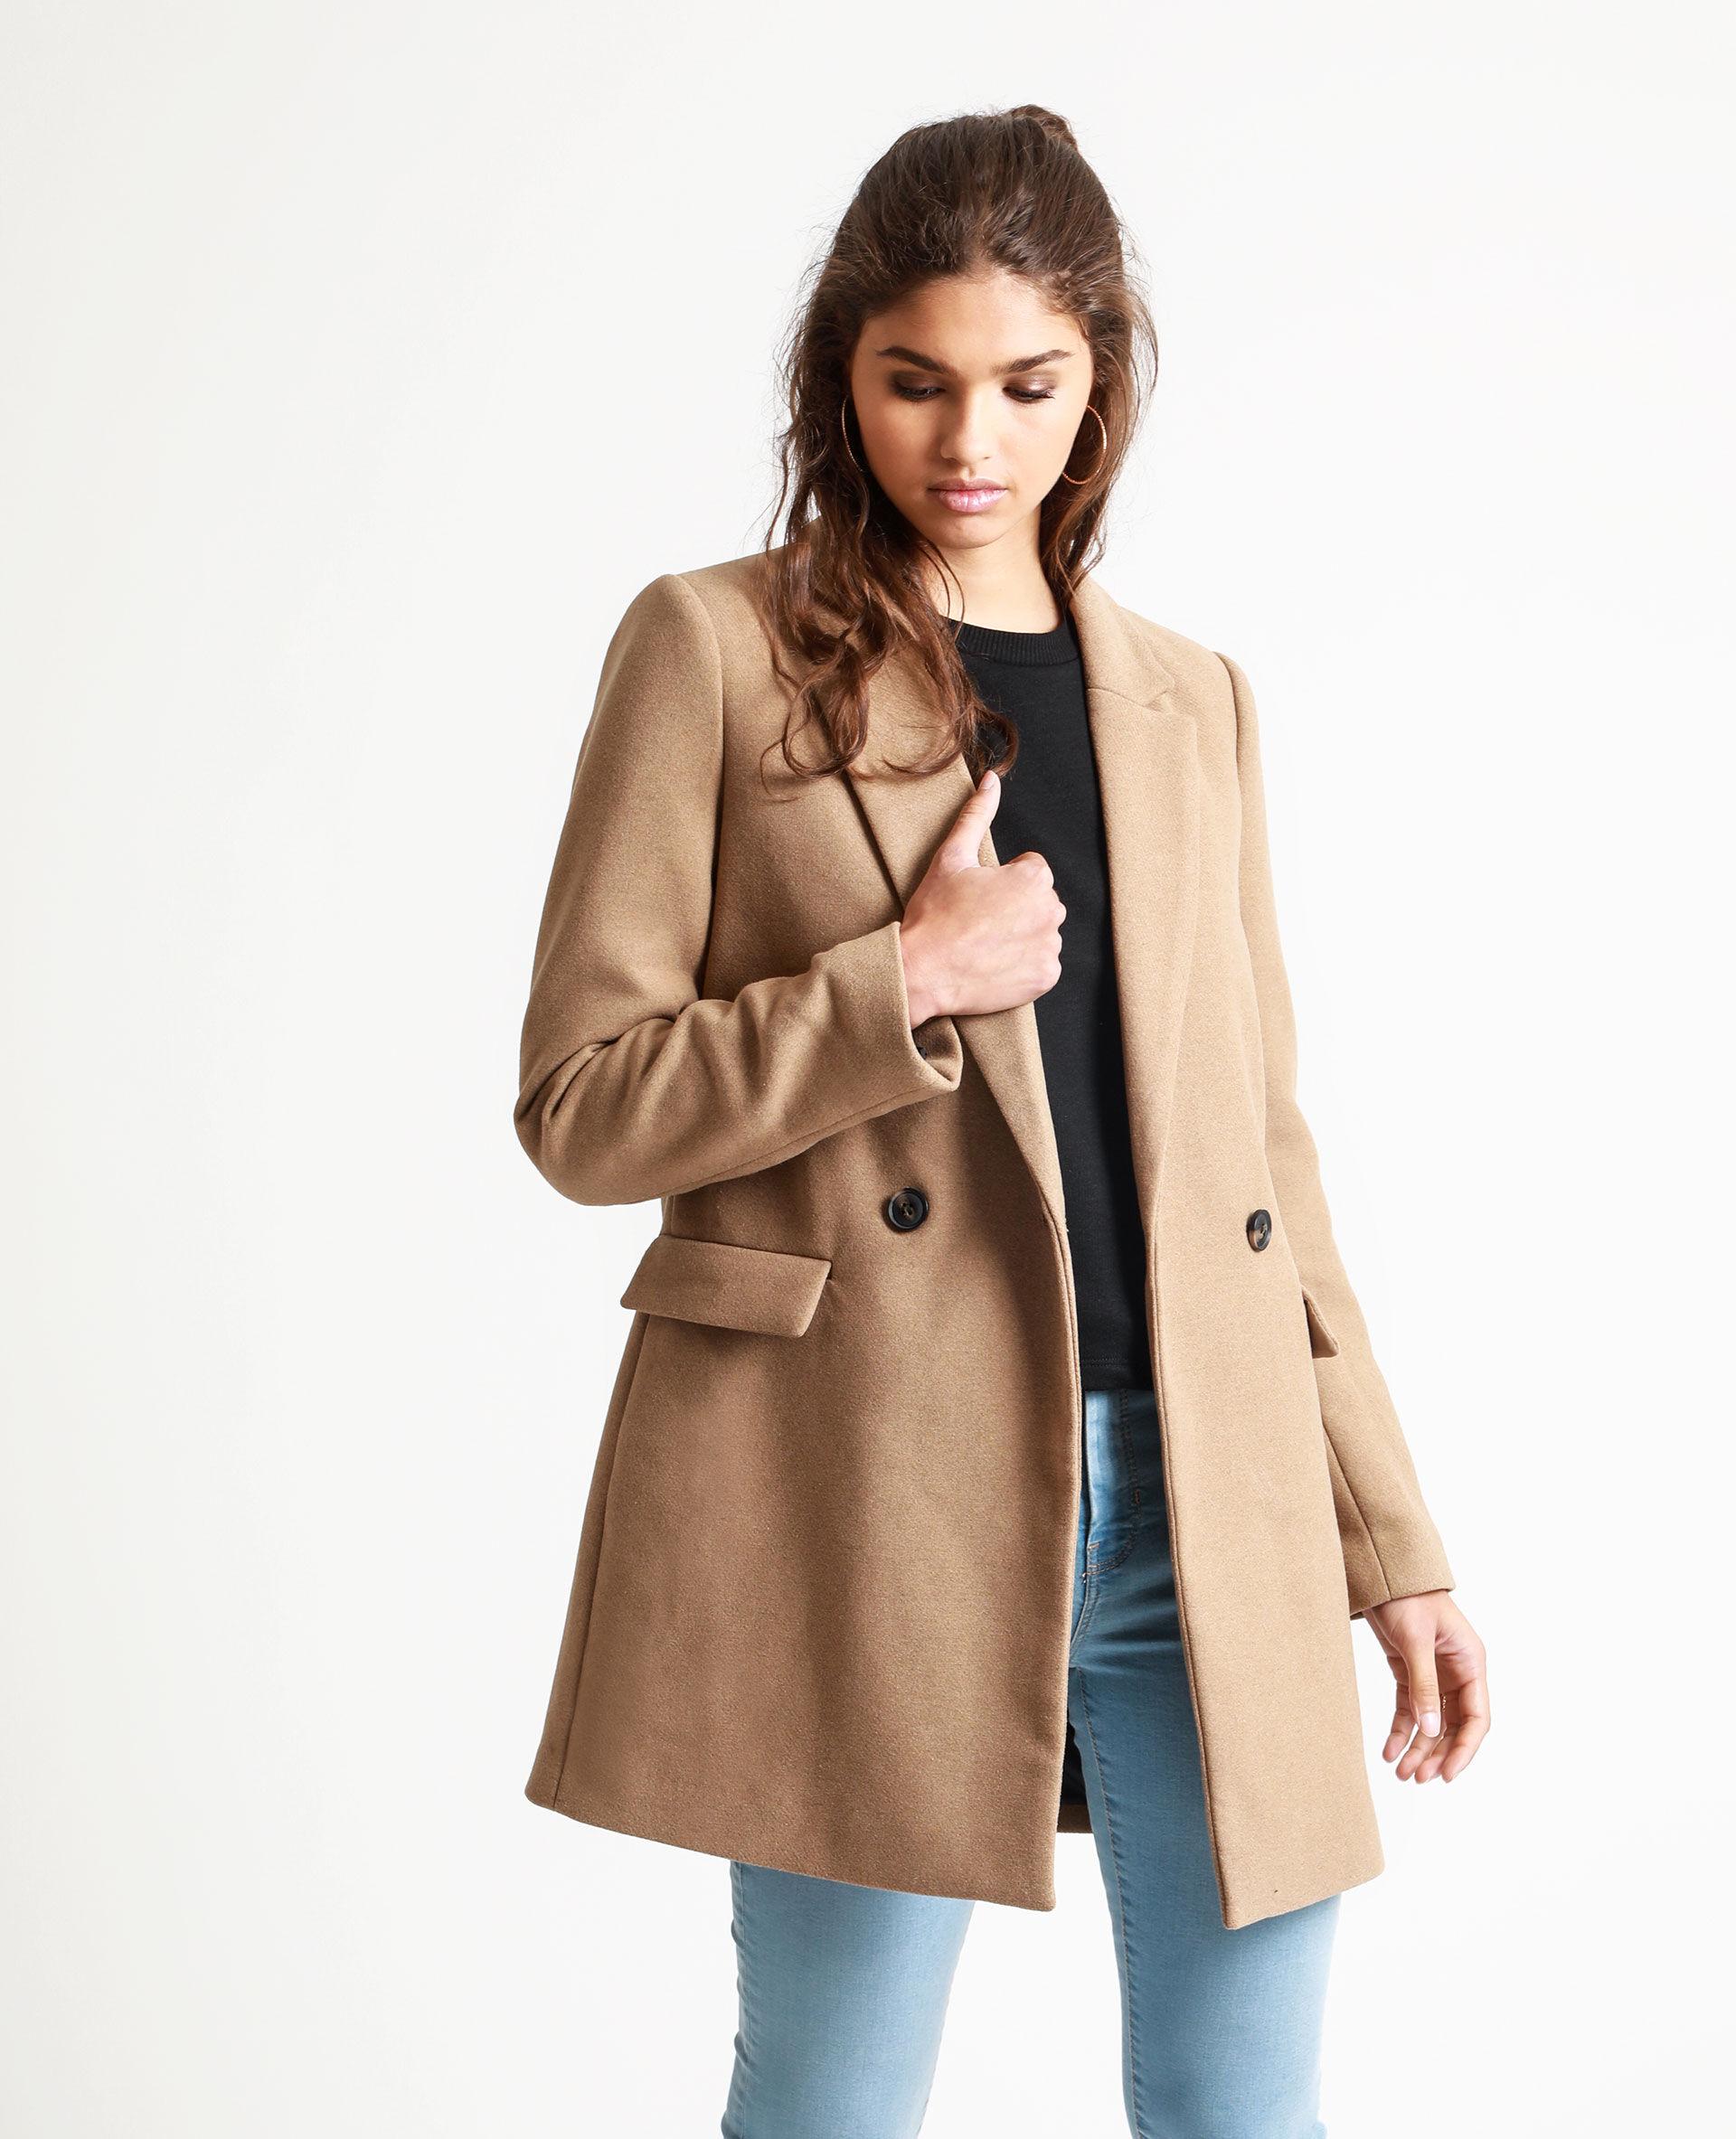 Manteau long avec fourrure femme